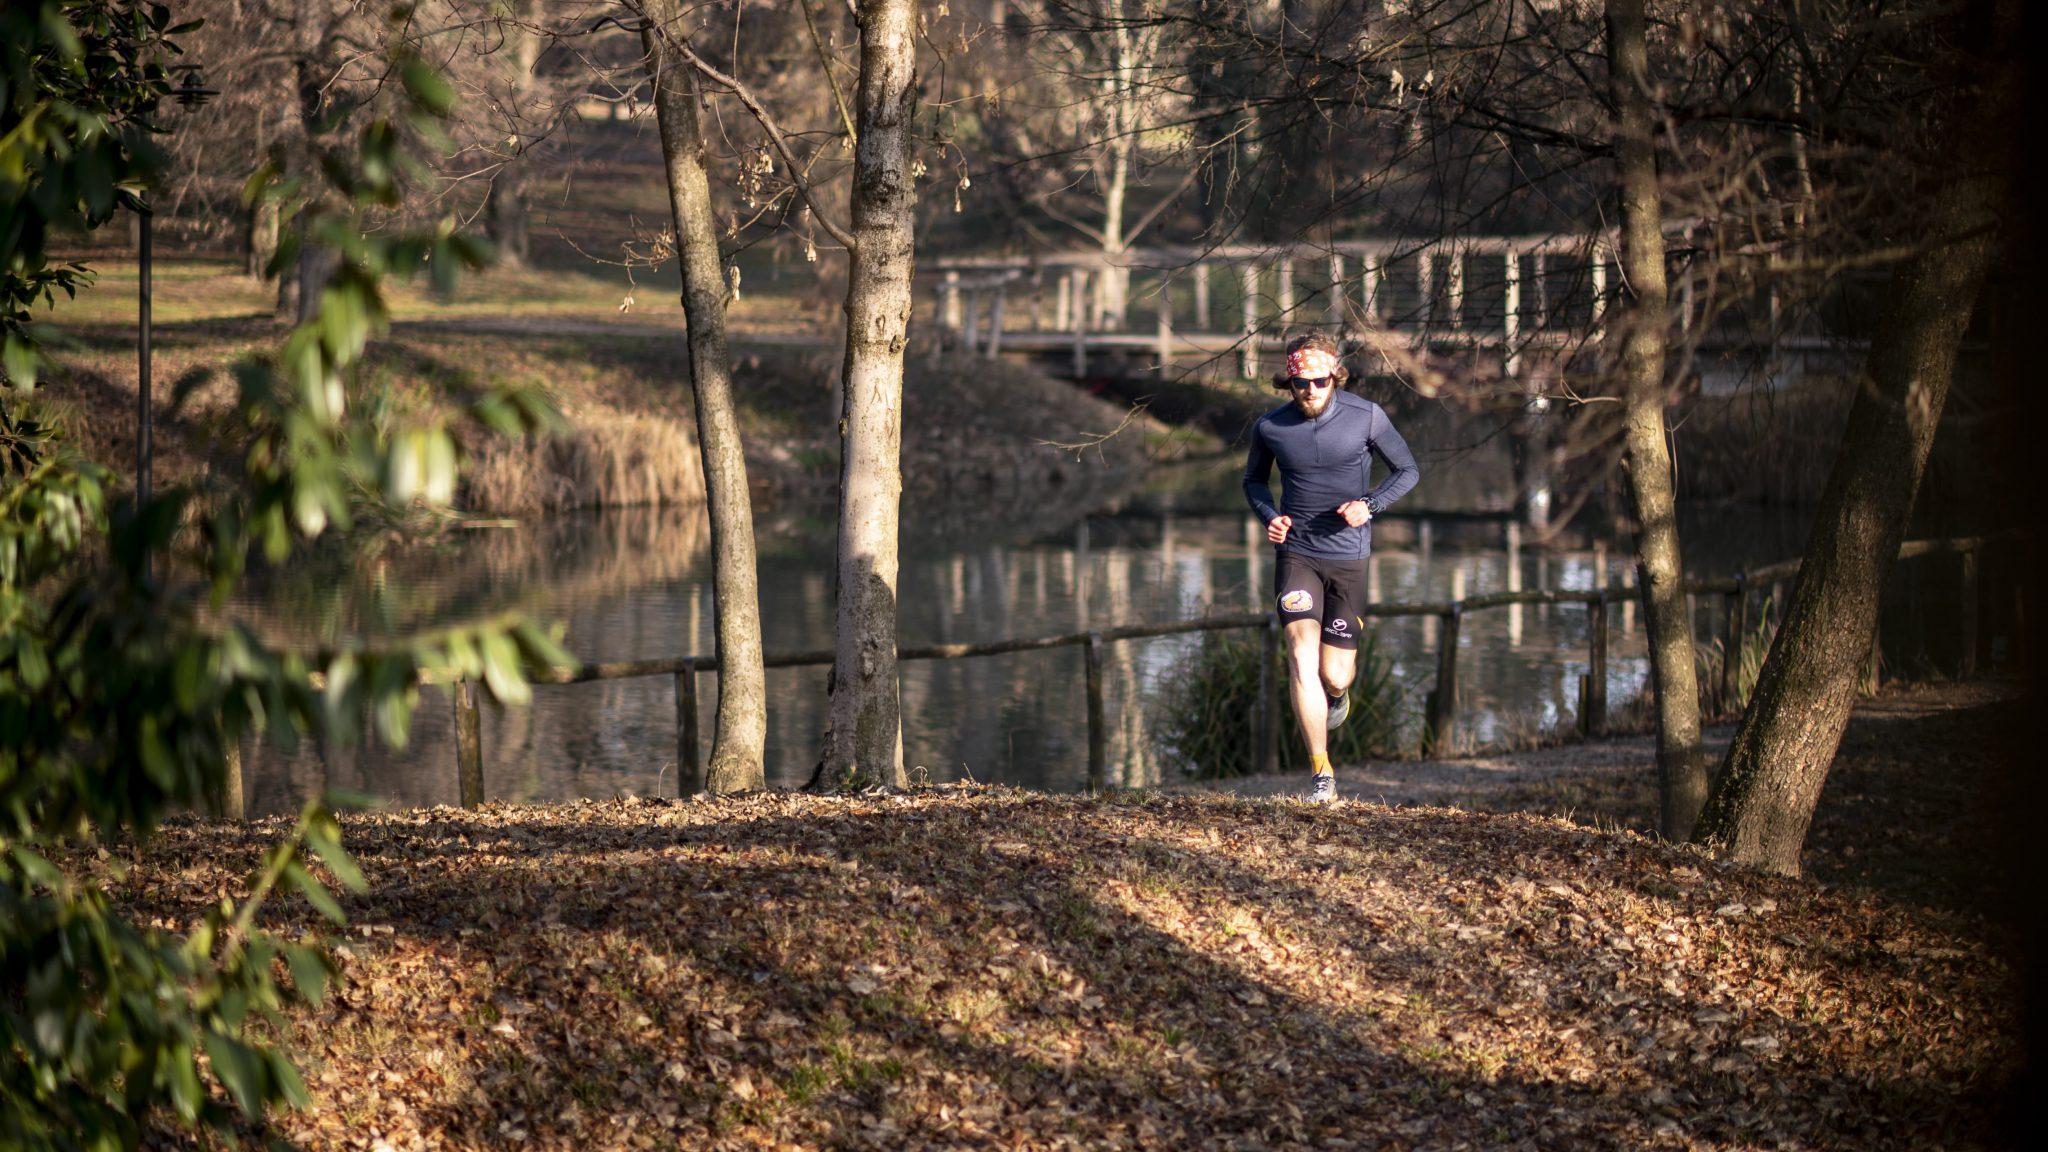 il corridore famoso corre nel parco con il fiume alle sue spalle